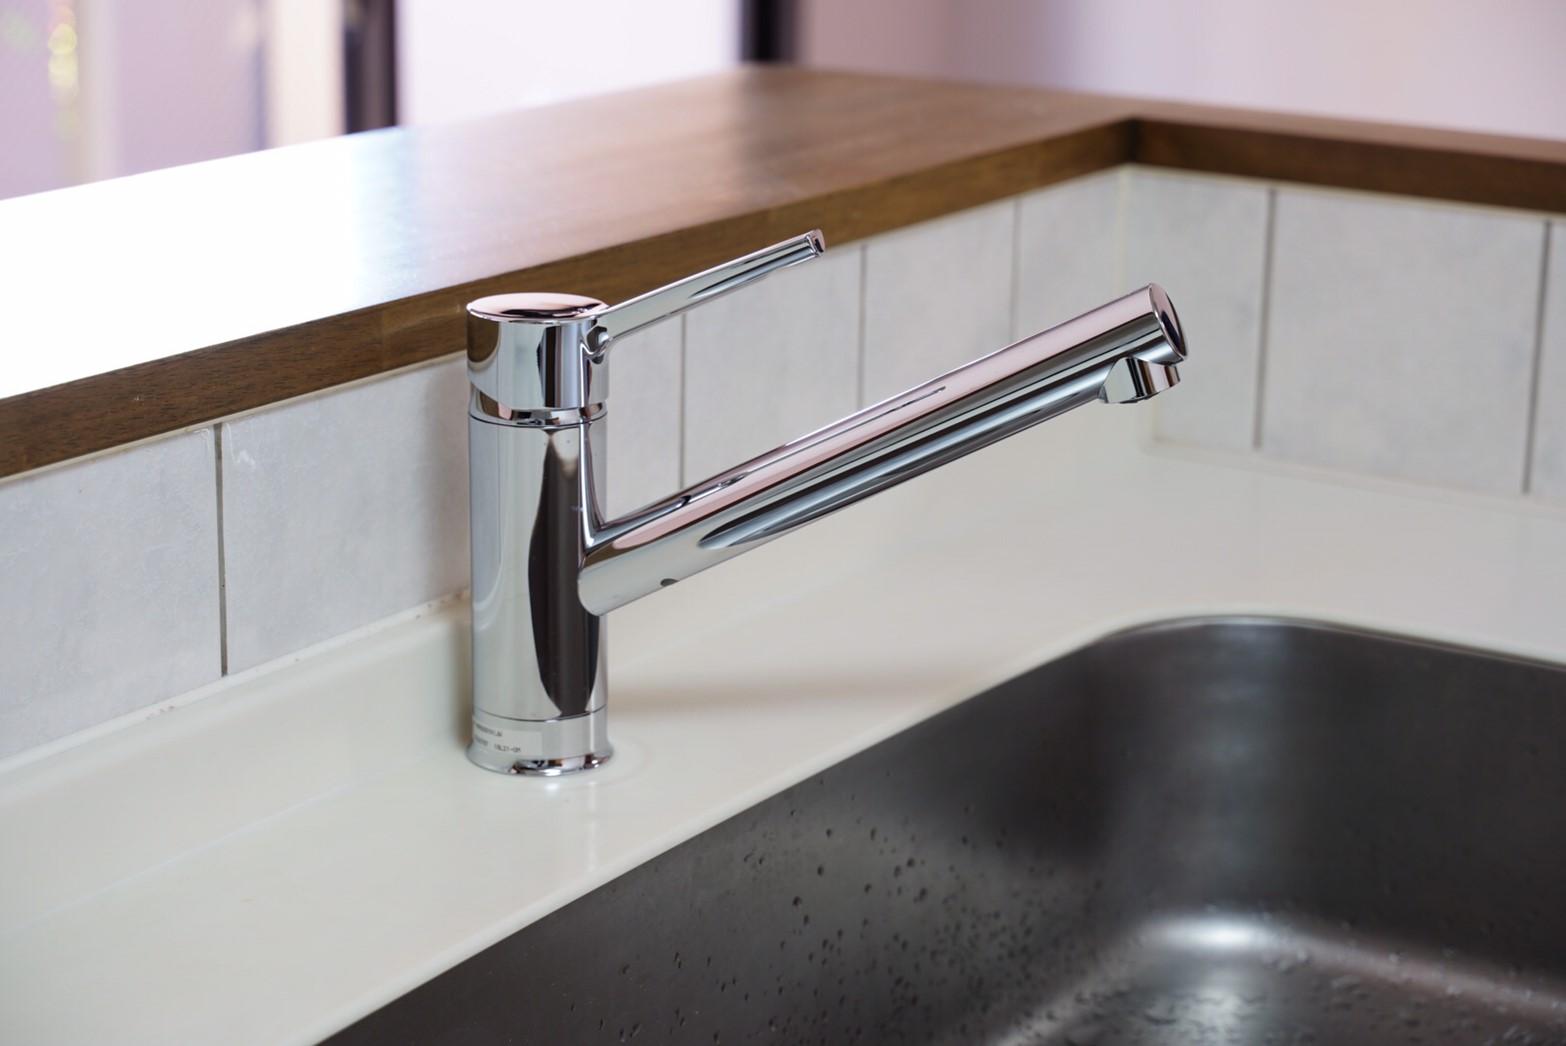 リクシル製!節水型のキッチン水栓の交換リフォーム事例/京都市中京区